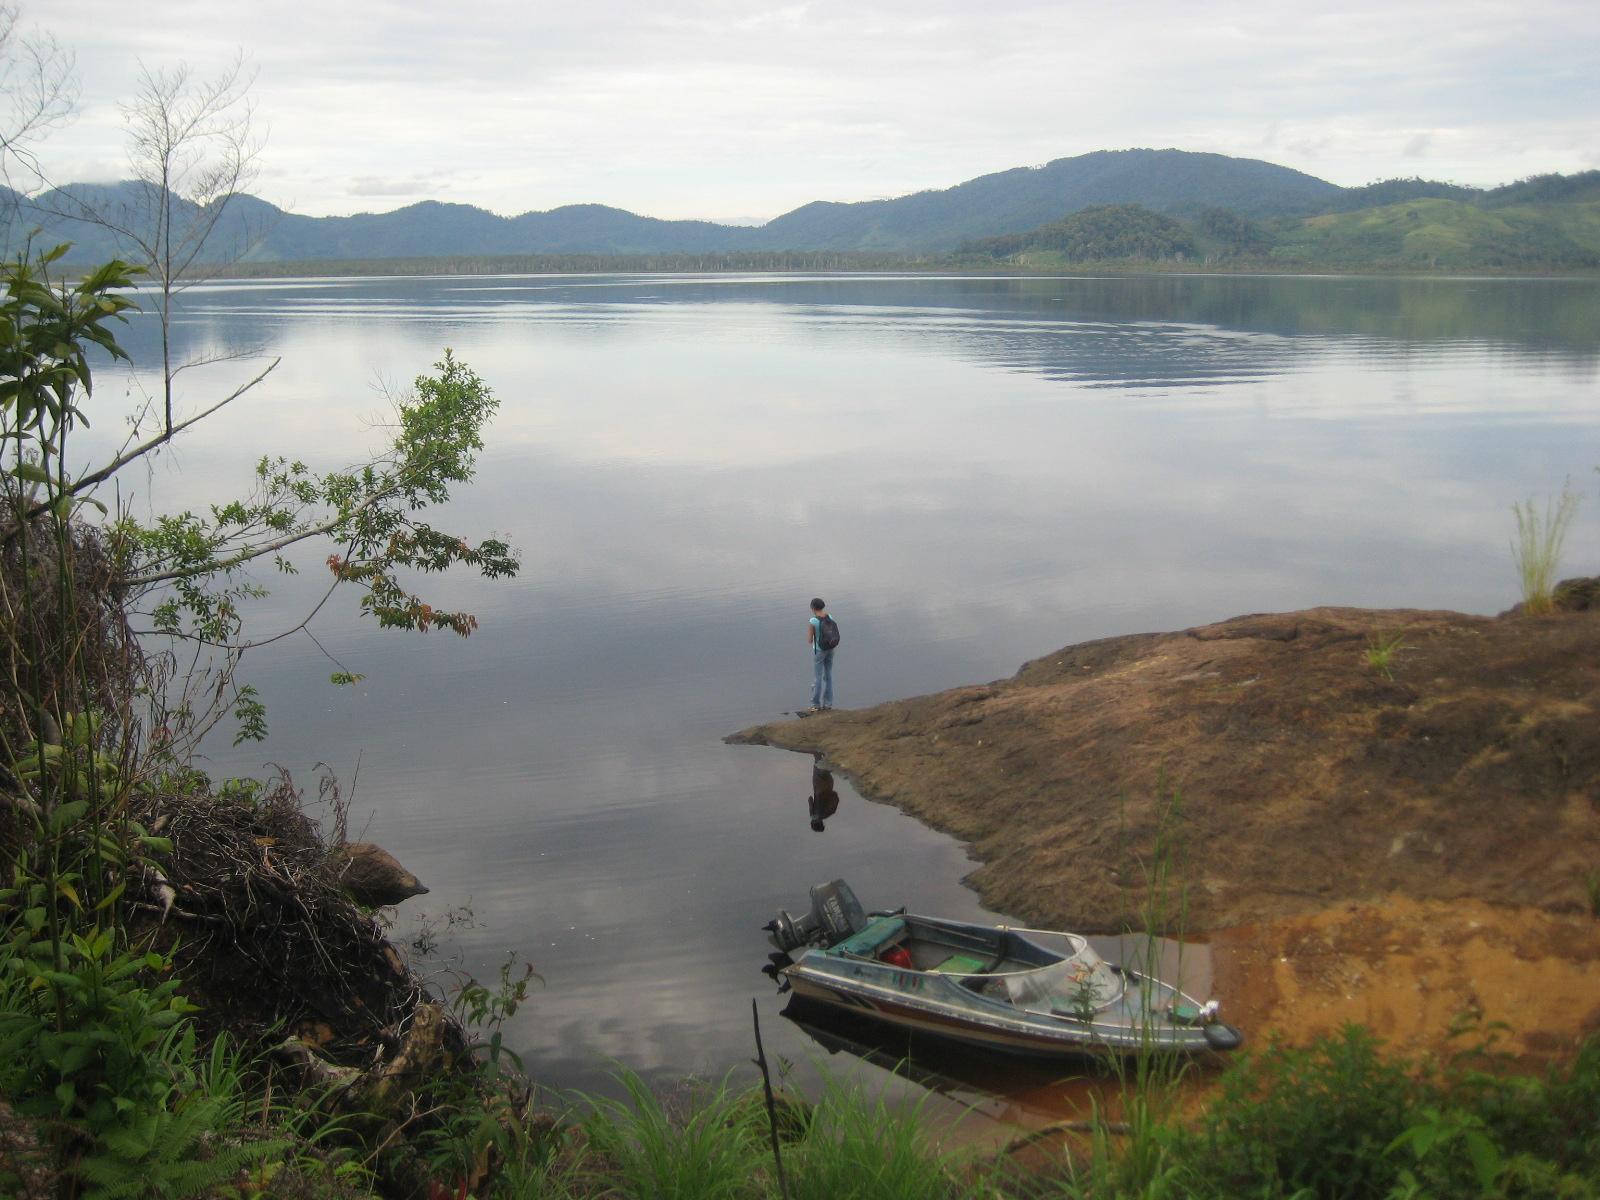 taman-nasional-danau-sentarum-seesimi-com